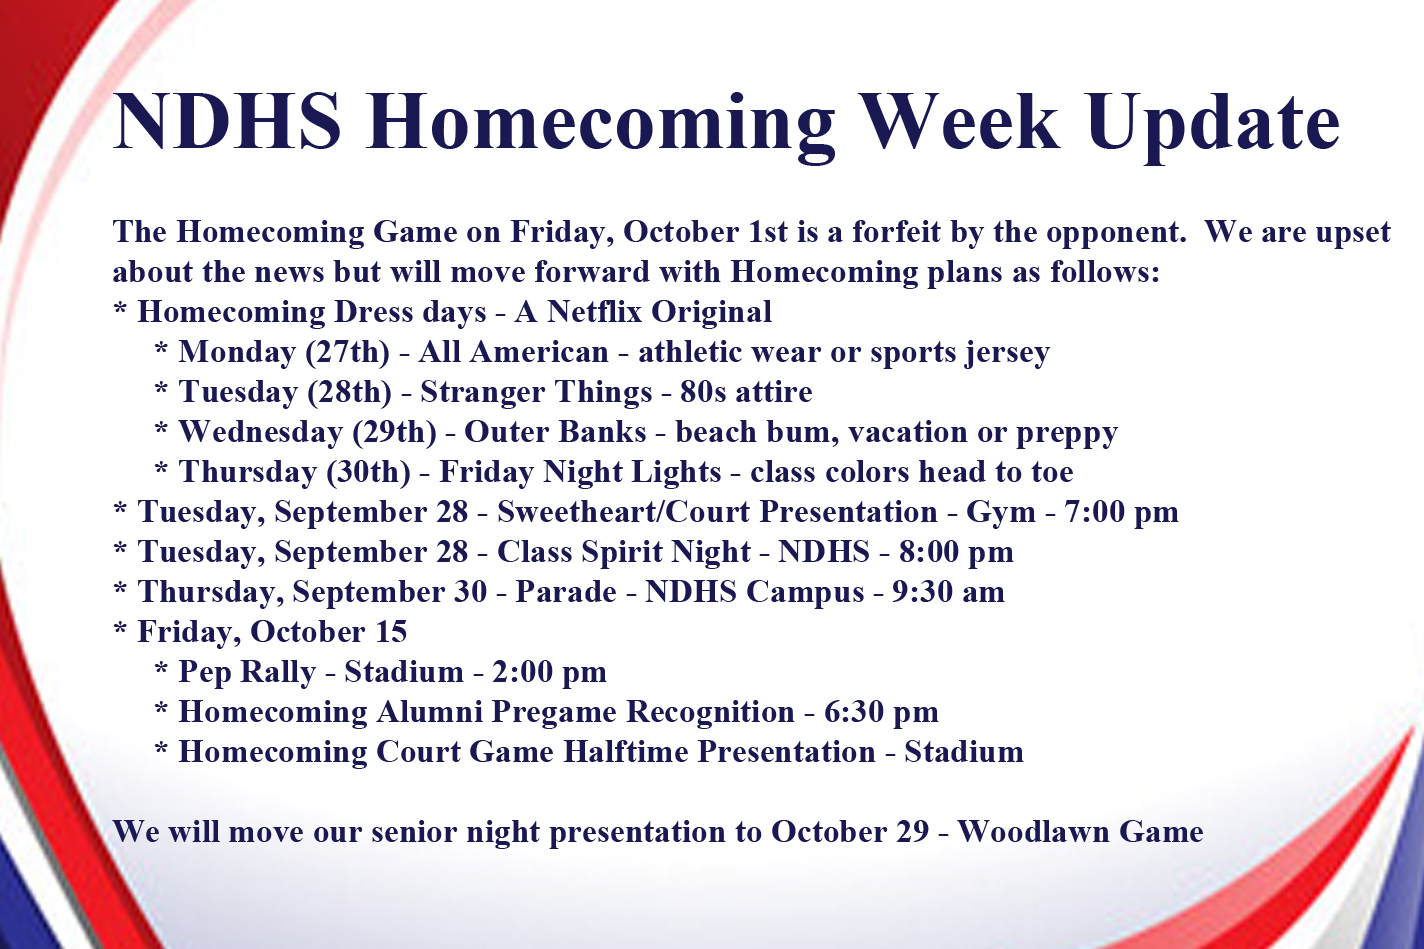 NDHS Homecoming Week Update